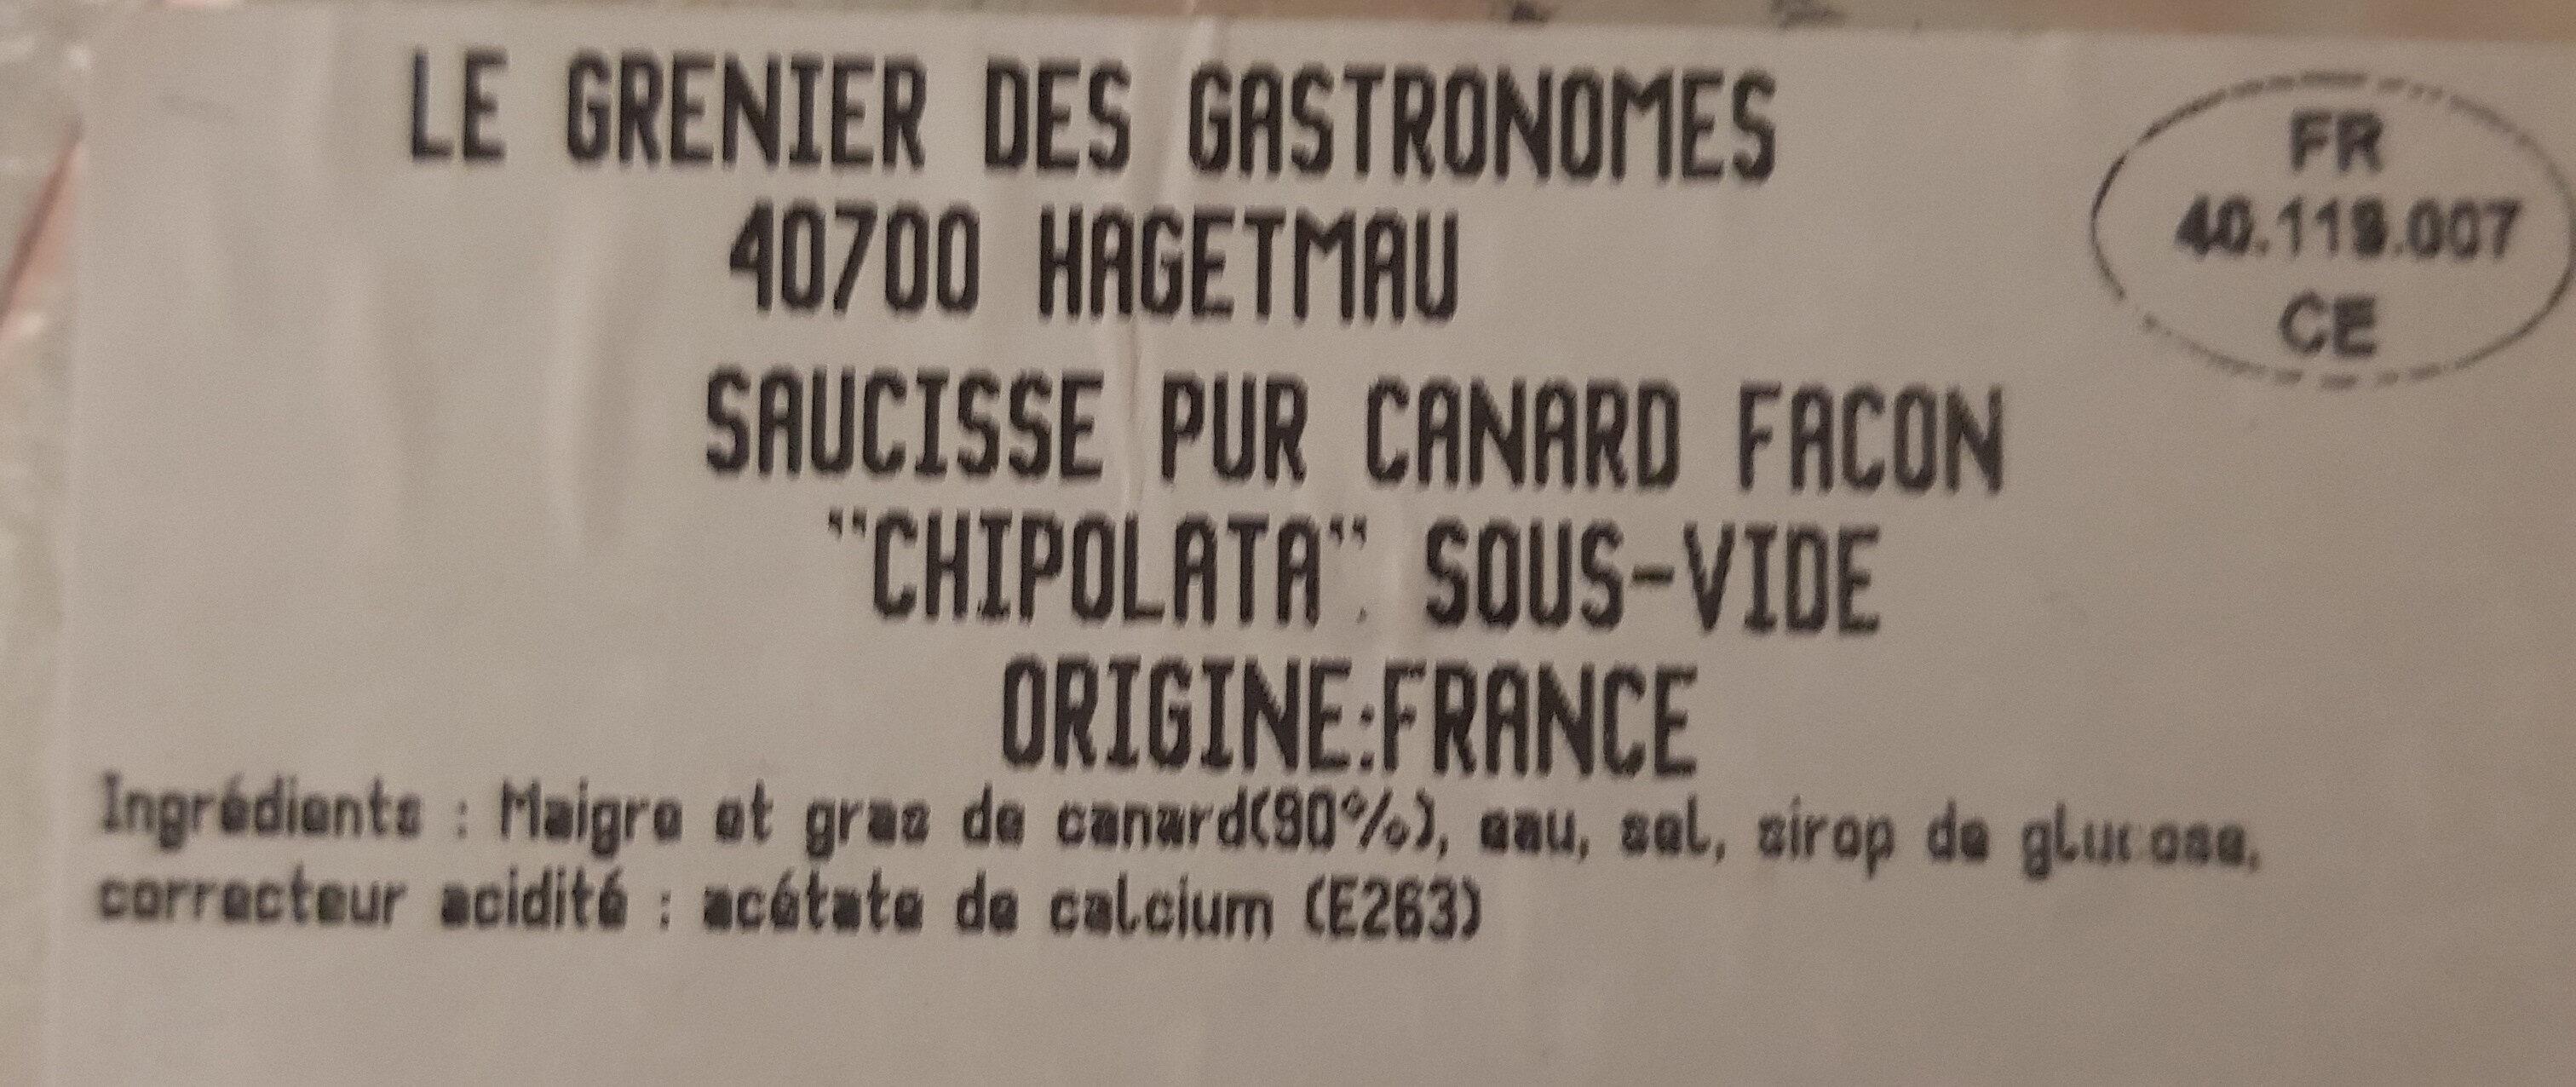 Saucisses pur Canard - Ingrédients